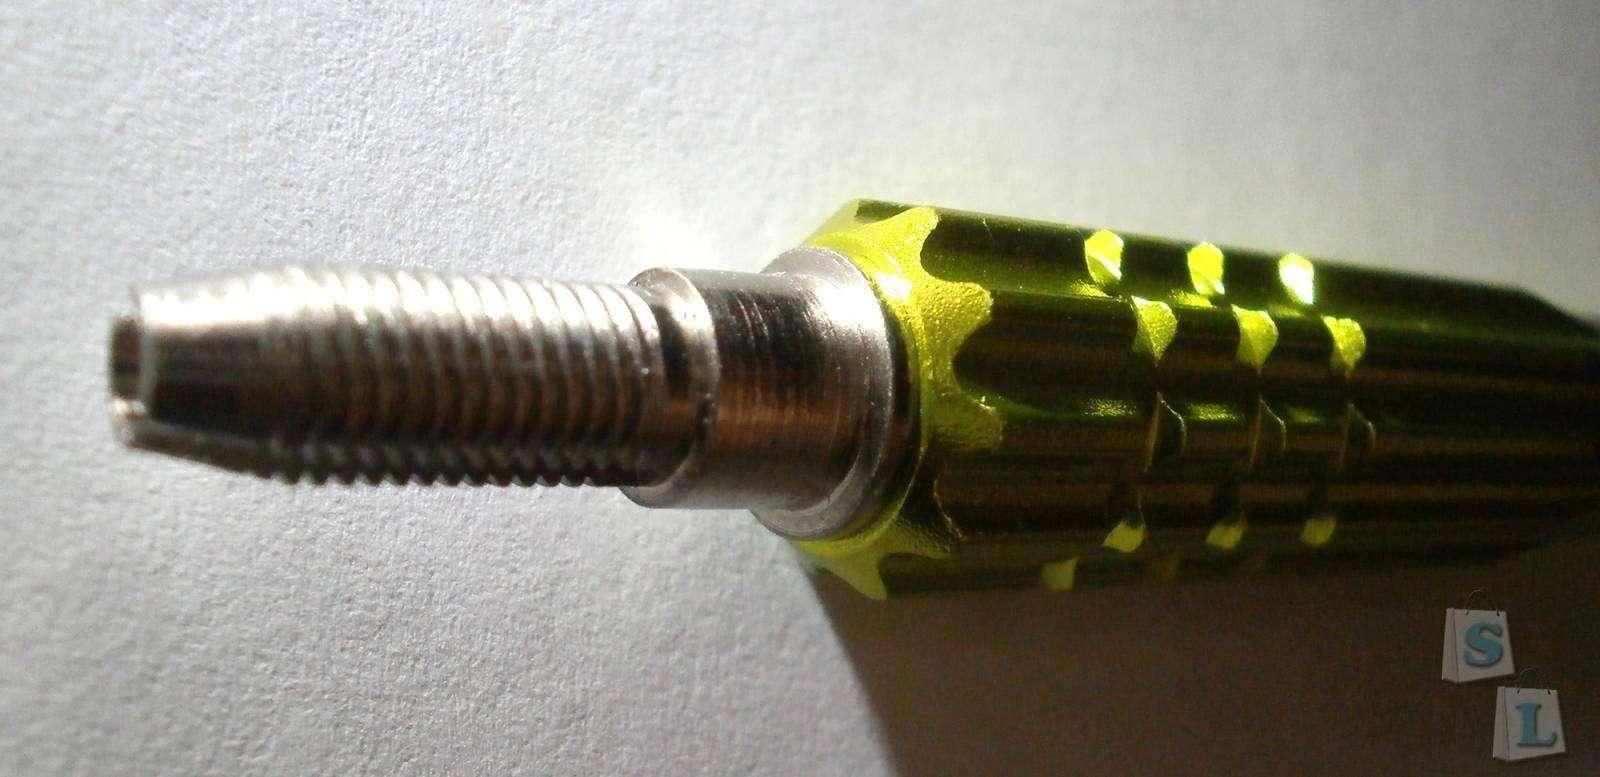 Aliexpress: Обзор отвертки (5 в 1) для мелкого ремонта